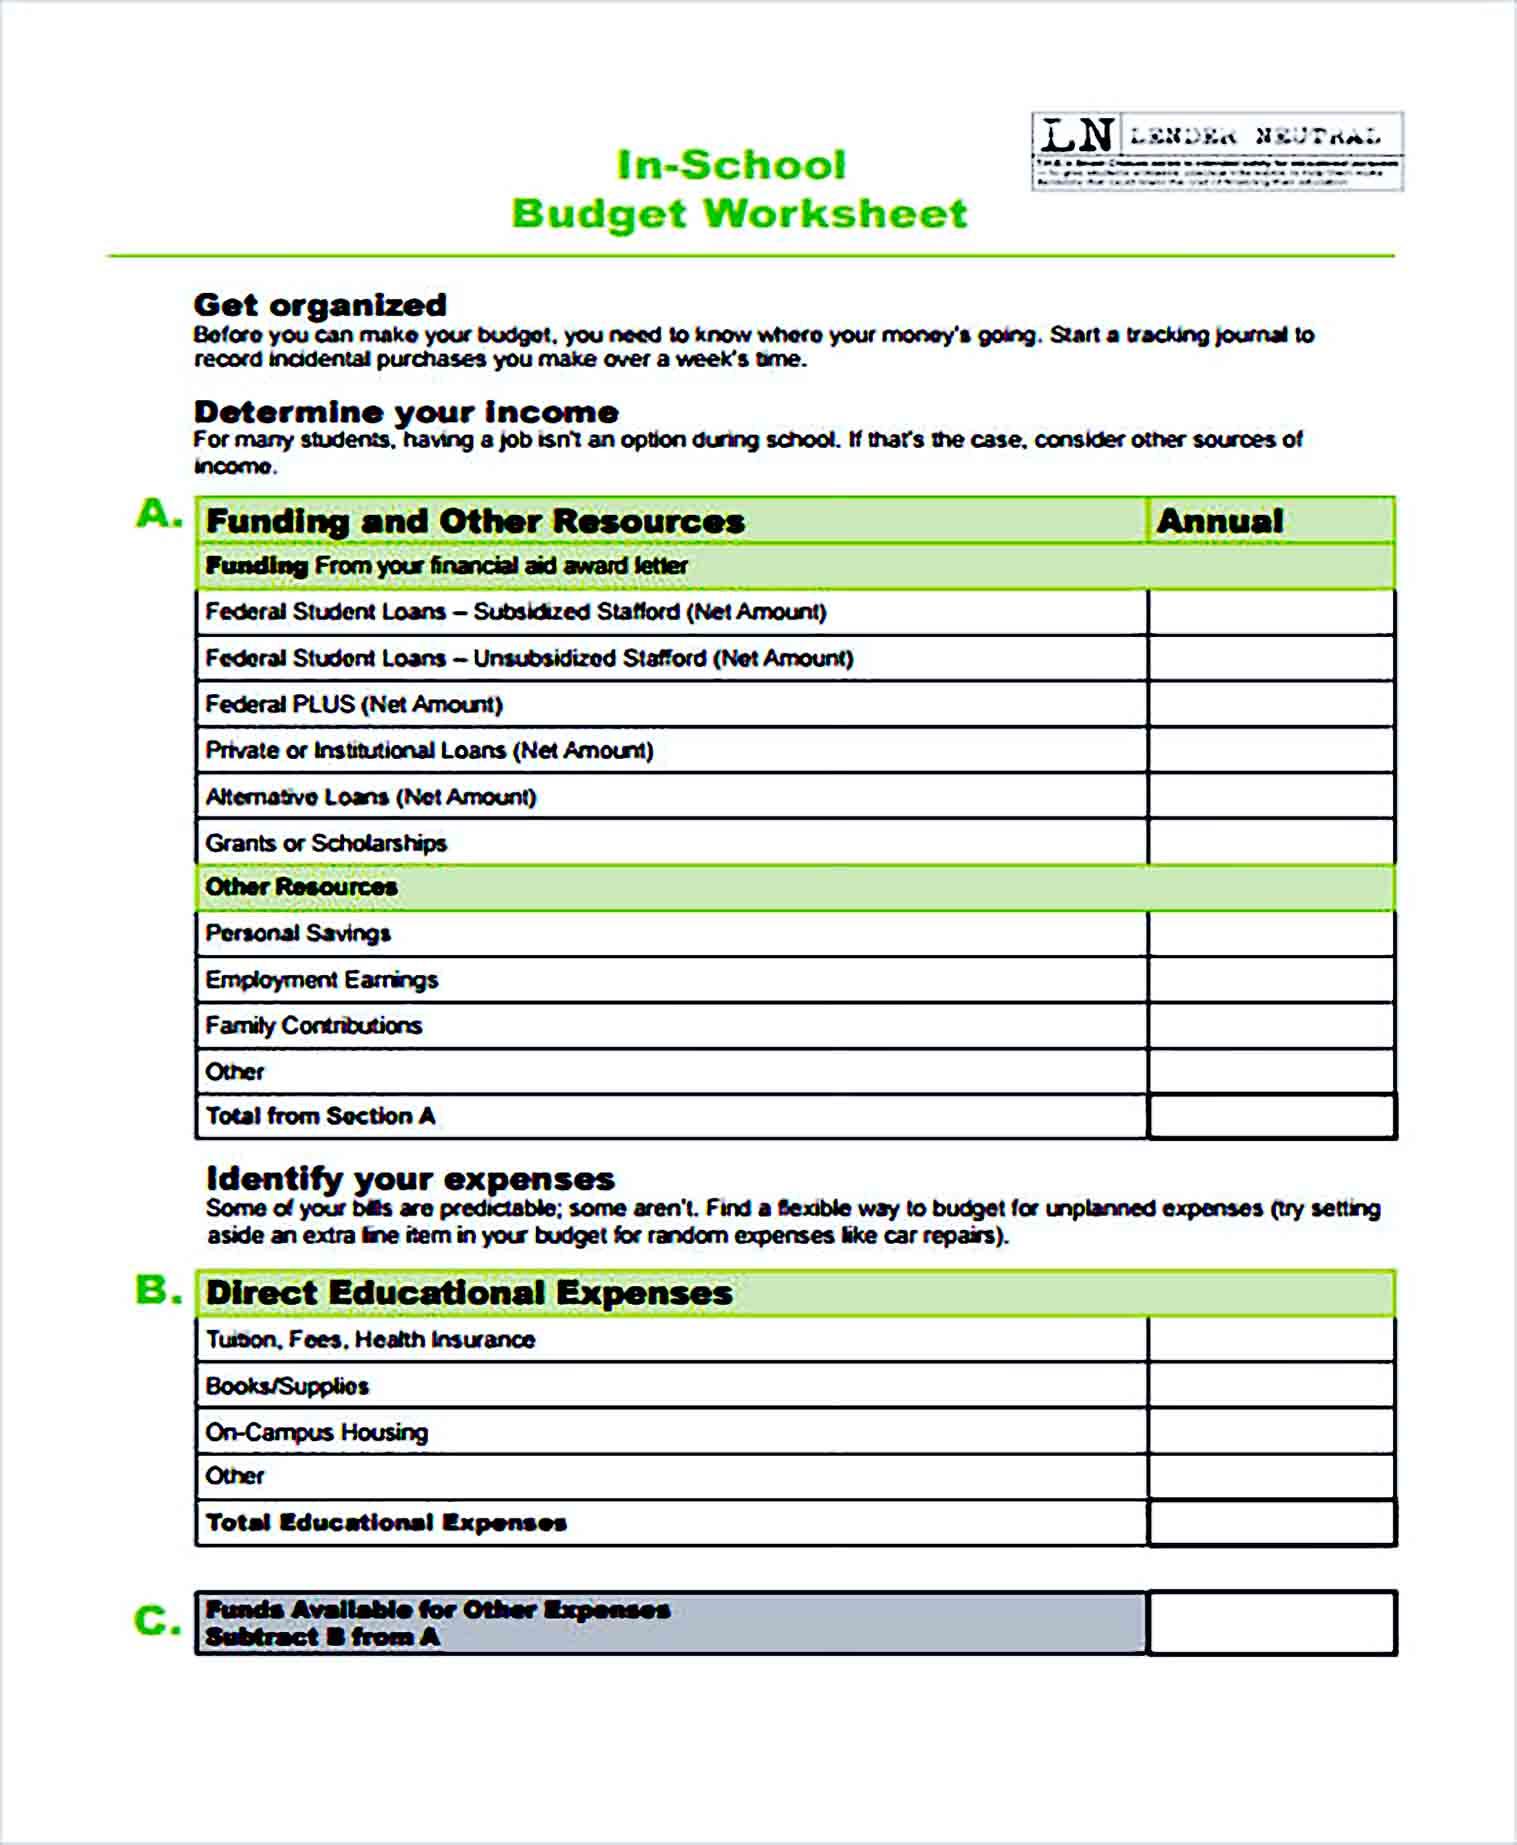 Sample School Budget Worksheet1